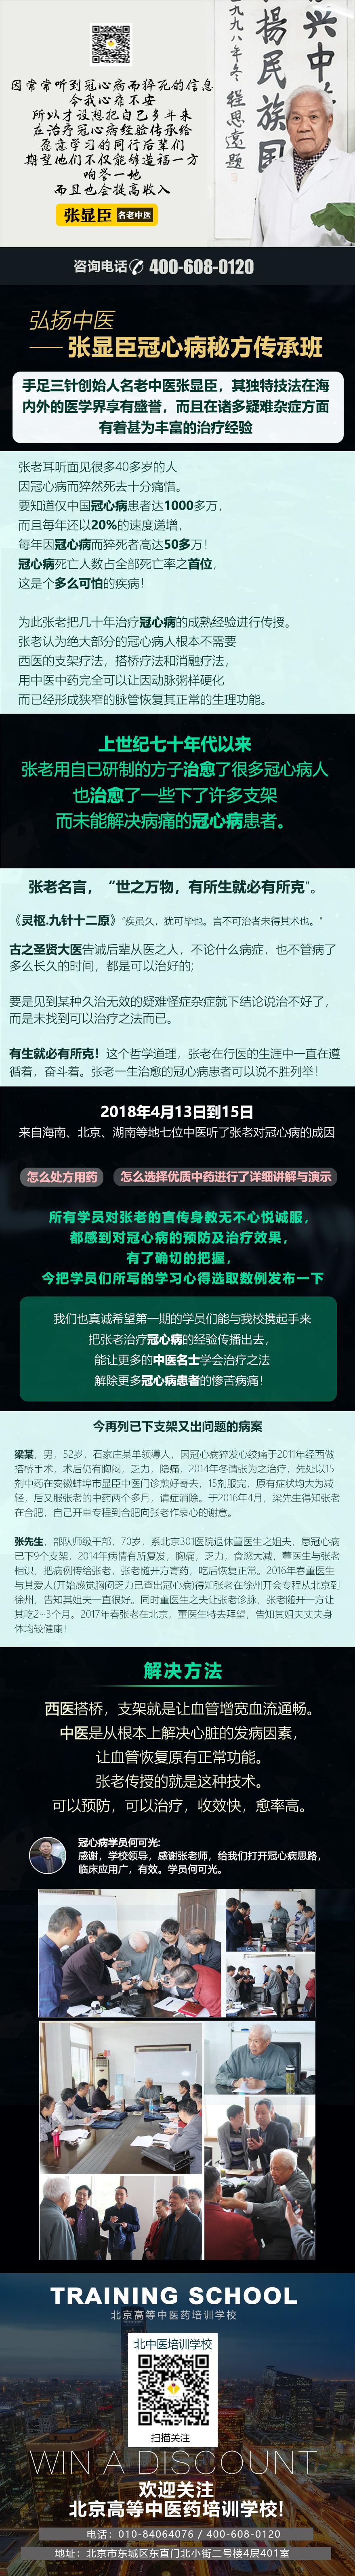 2018-5-4冠心病班.jpg